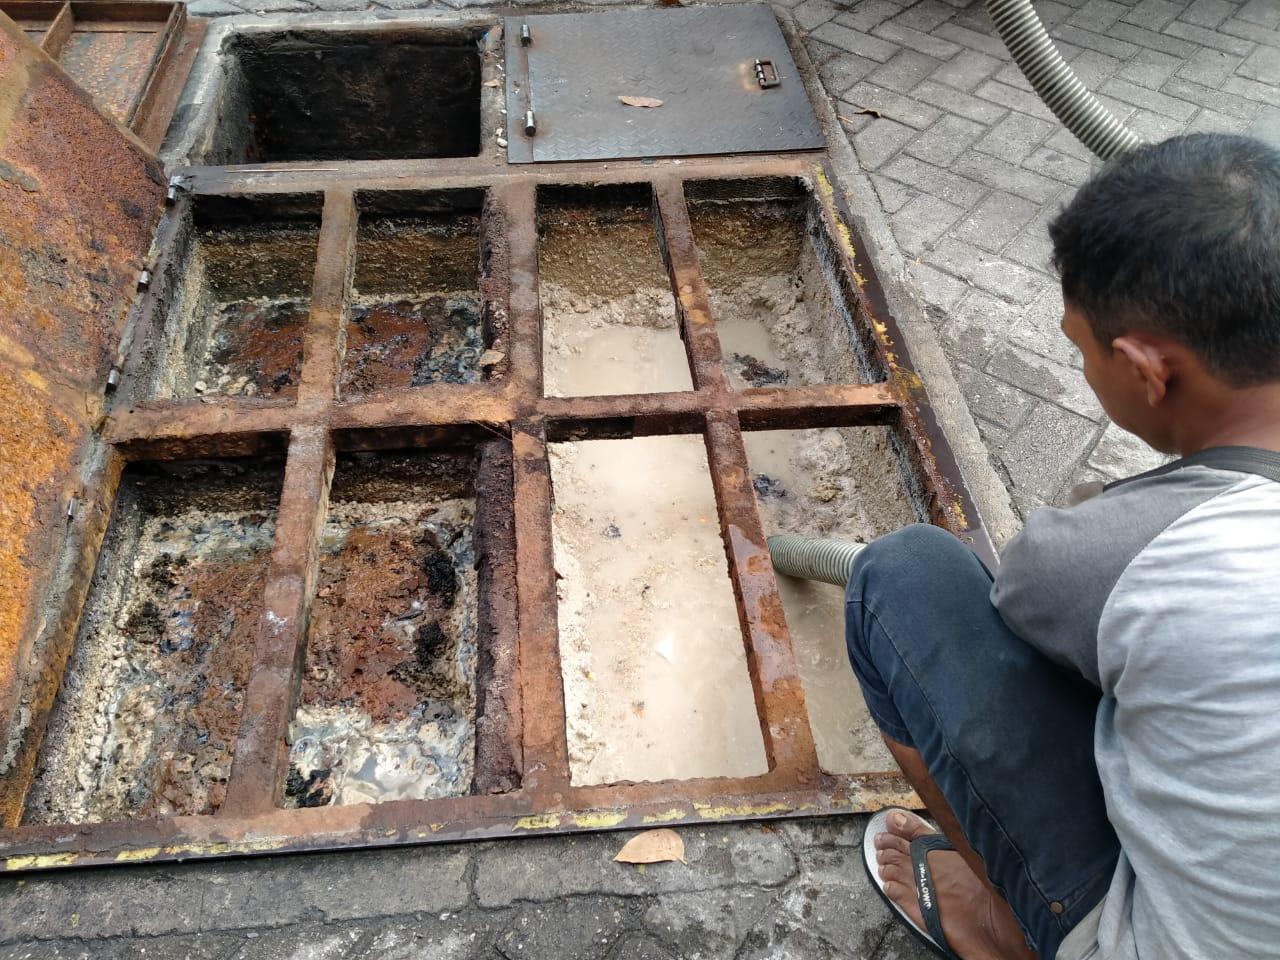 Ravindia Jasa Air Mampet 4 - Ravindia Jasa Air Mampet - Sedot Tinja Murah Pekanbaru